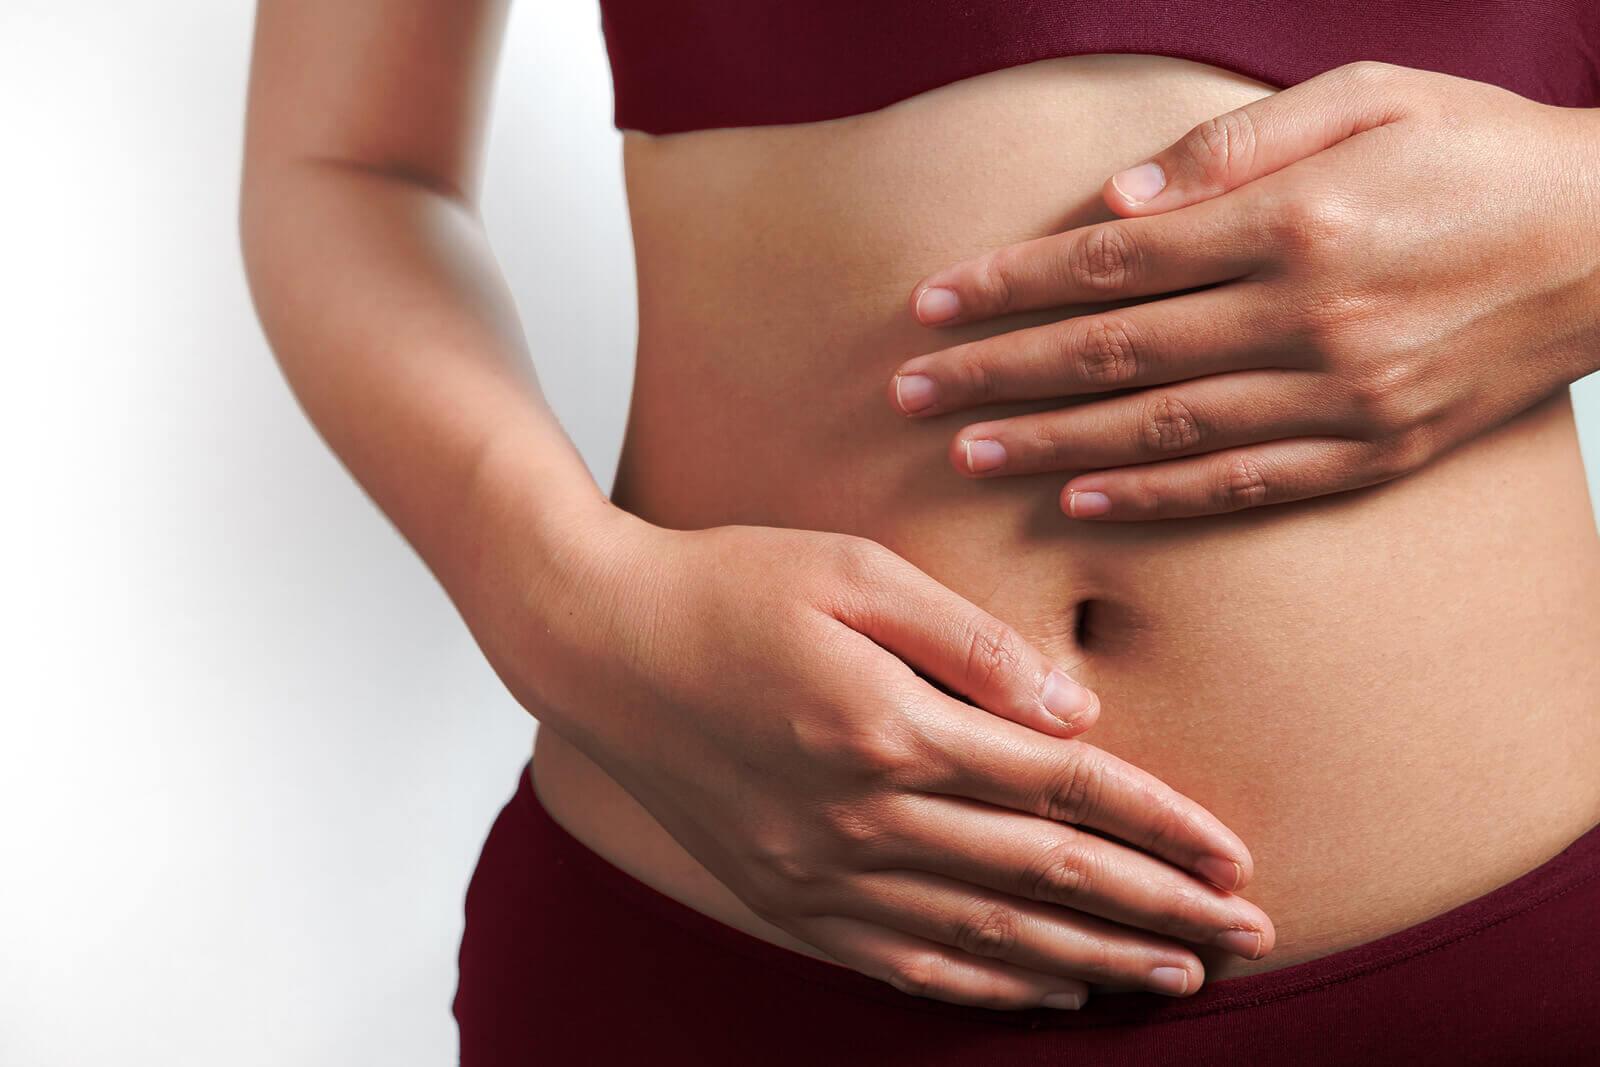 menstruar-durante-el-embarazo-6219845